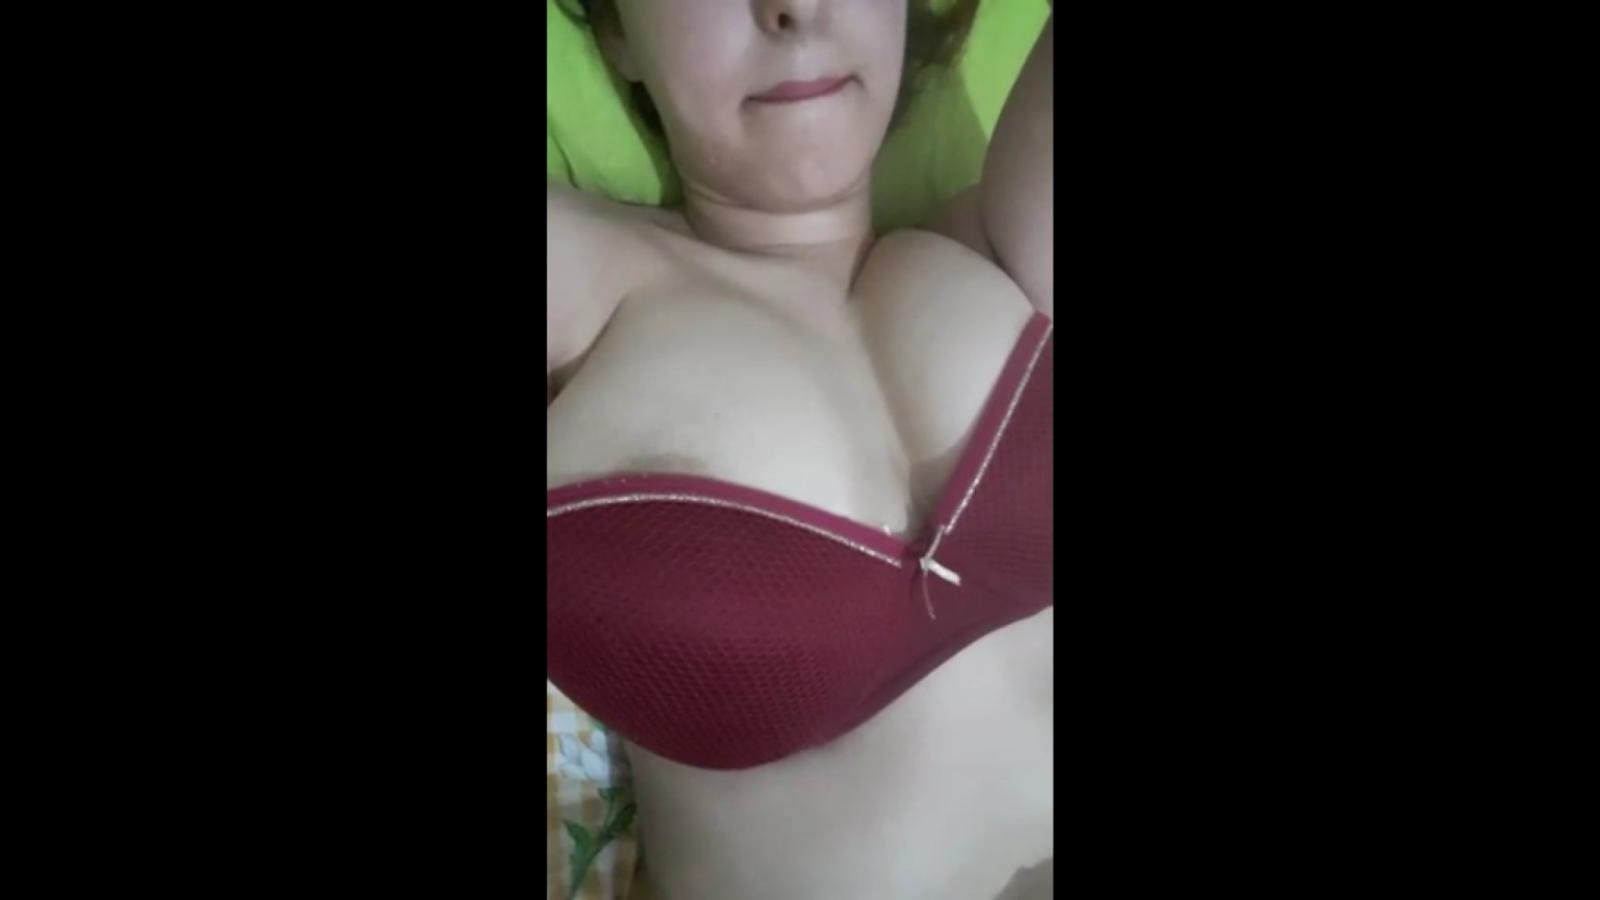 Türk Porno Türkçe Konuşmalı Ve Sesli Sex  Porno izle Bedava